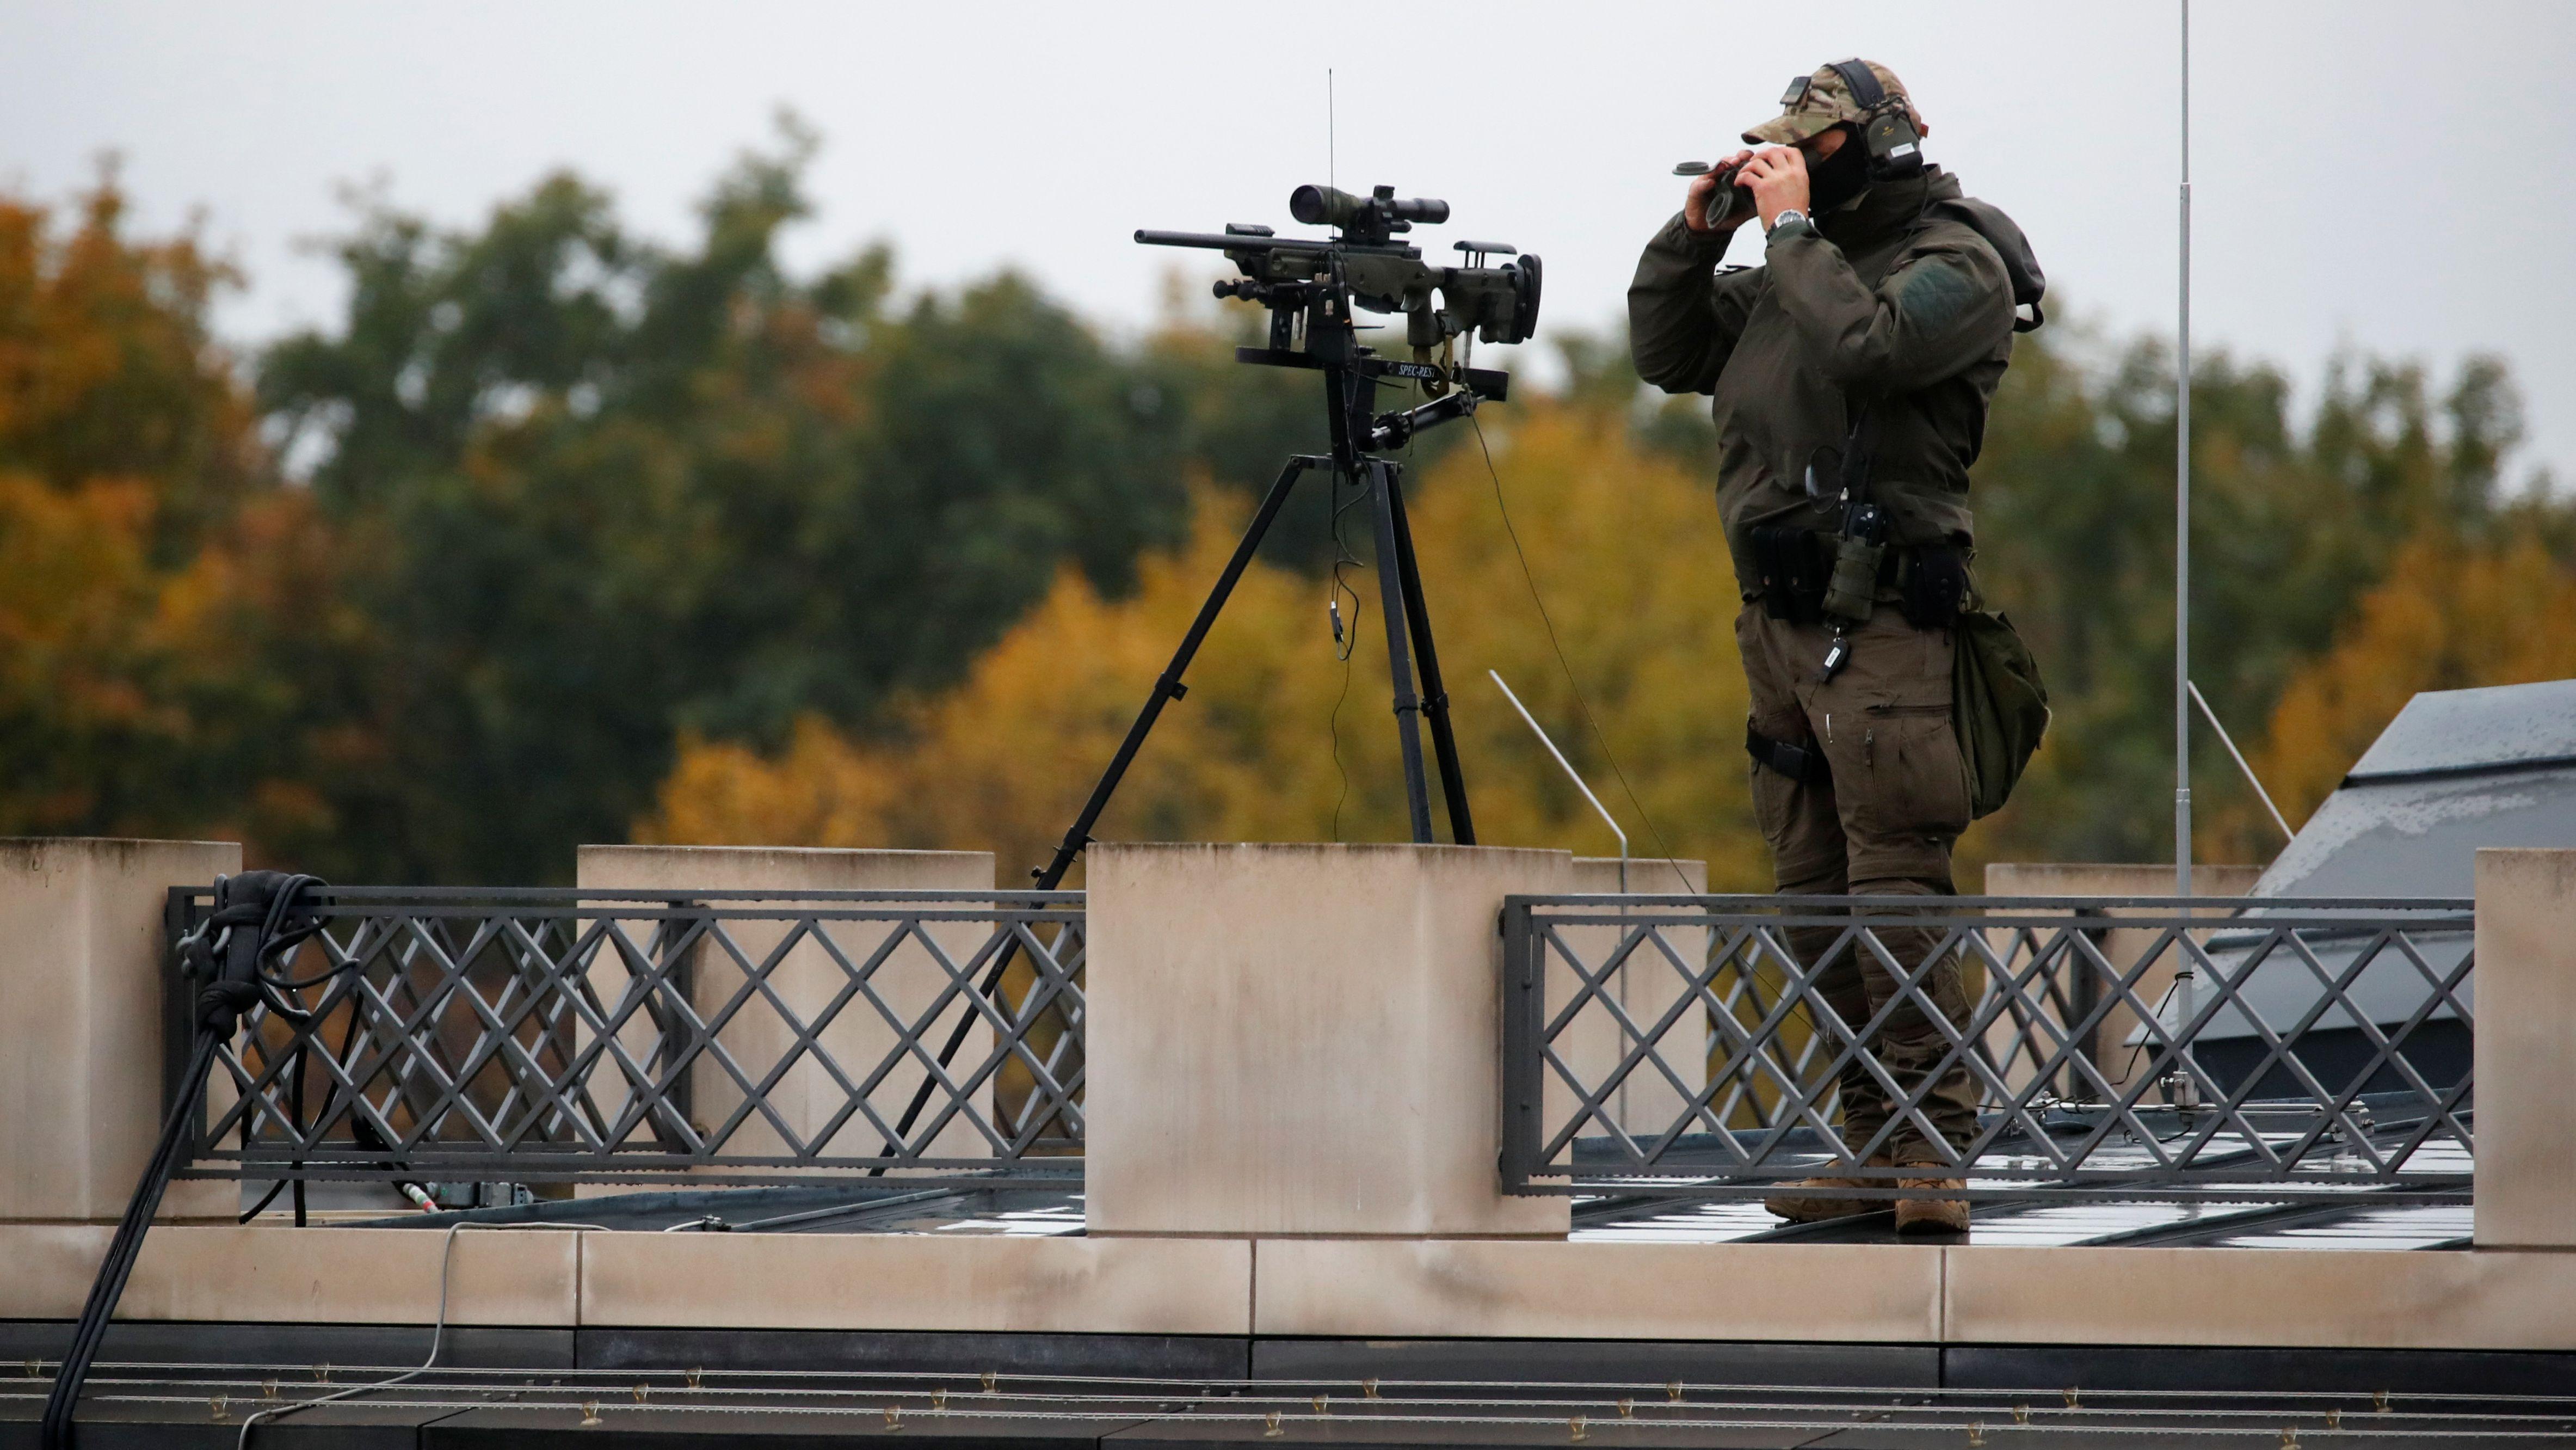 Dieser Scharfschütze ist kein DDR-Grenzposten, sondern einer von hunderten Sicherheitsleuten, die die Feierlichkeiten bewachen.